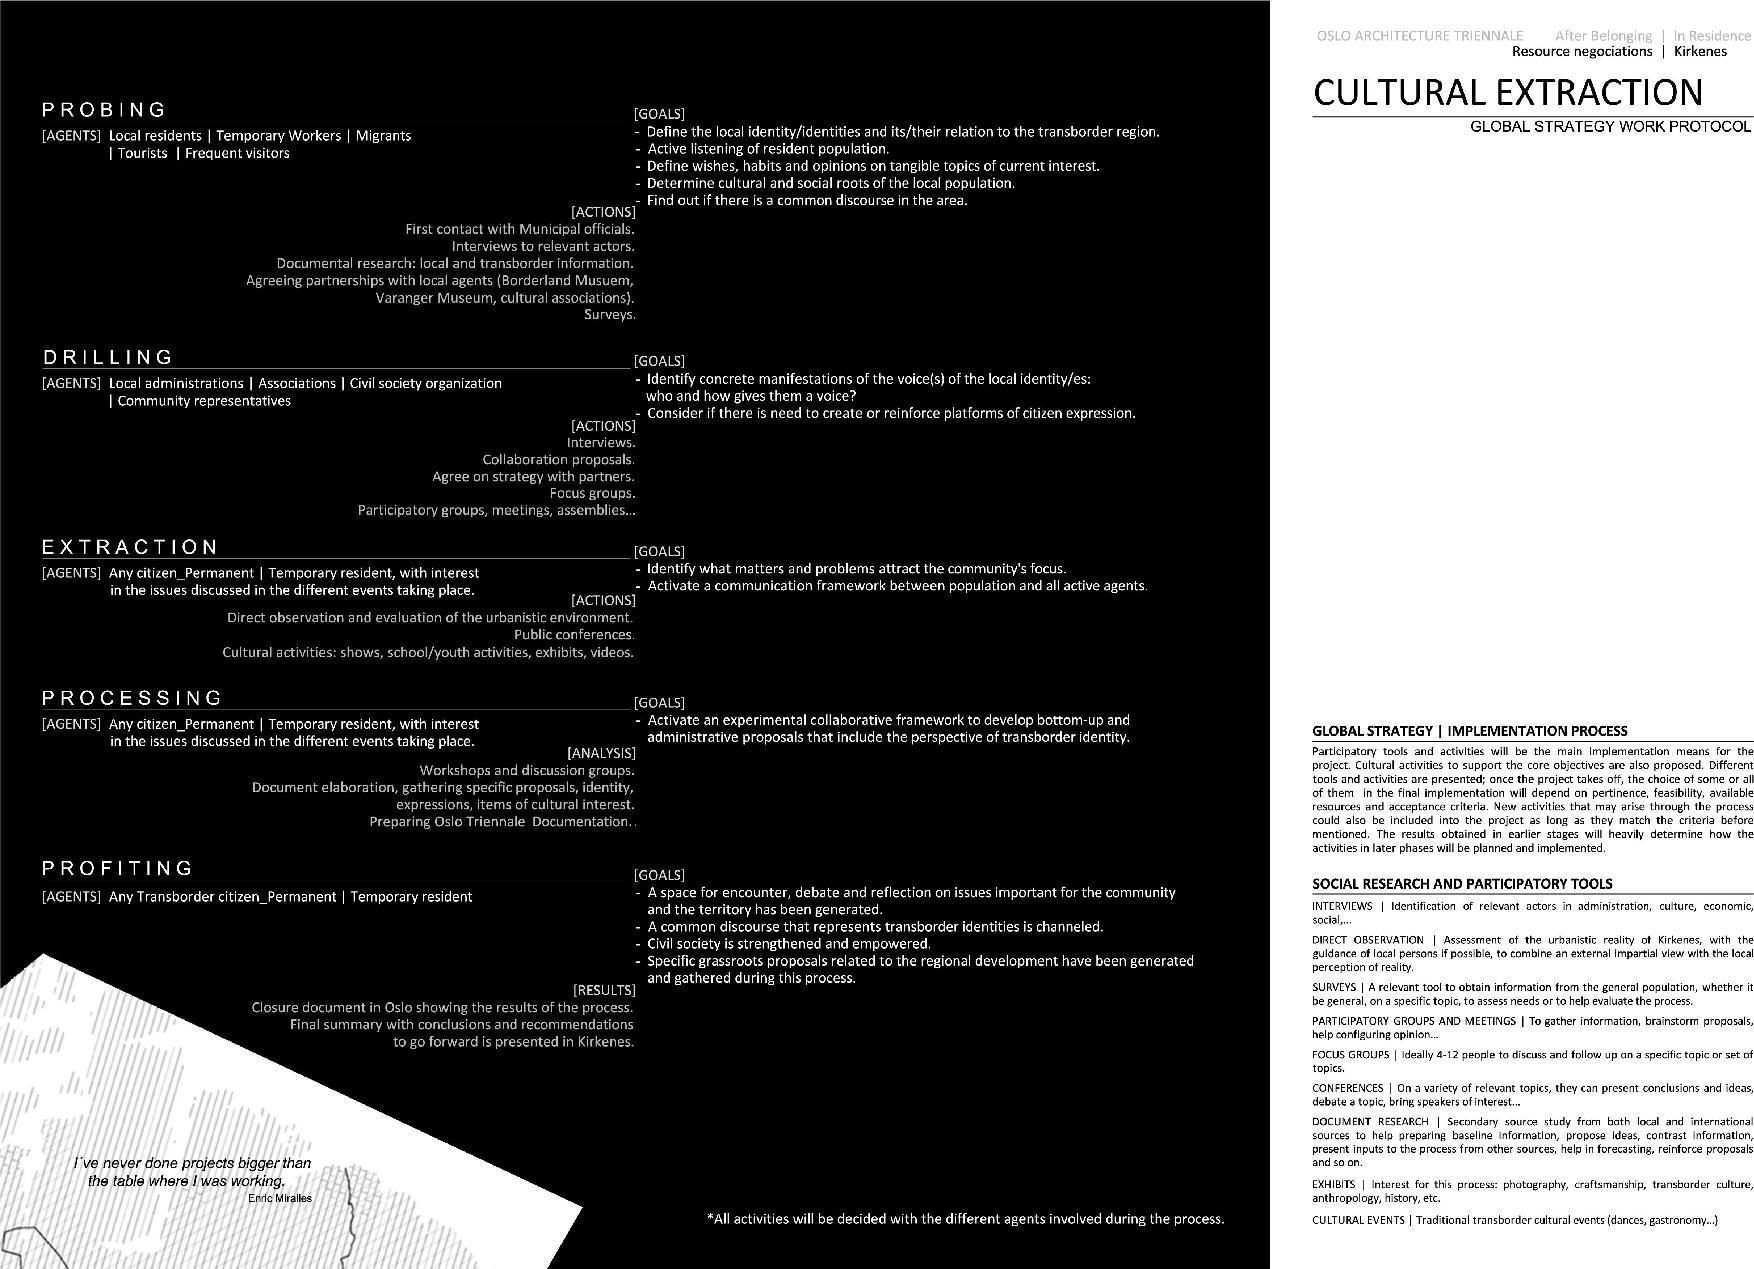 cultural-extraction_kirkenes-005